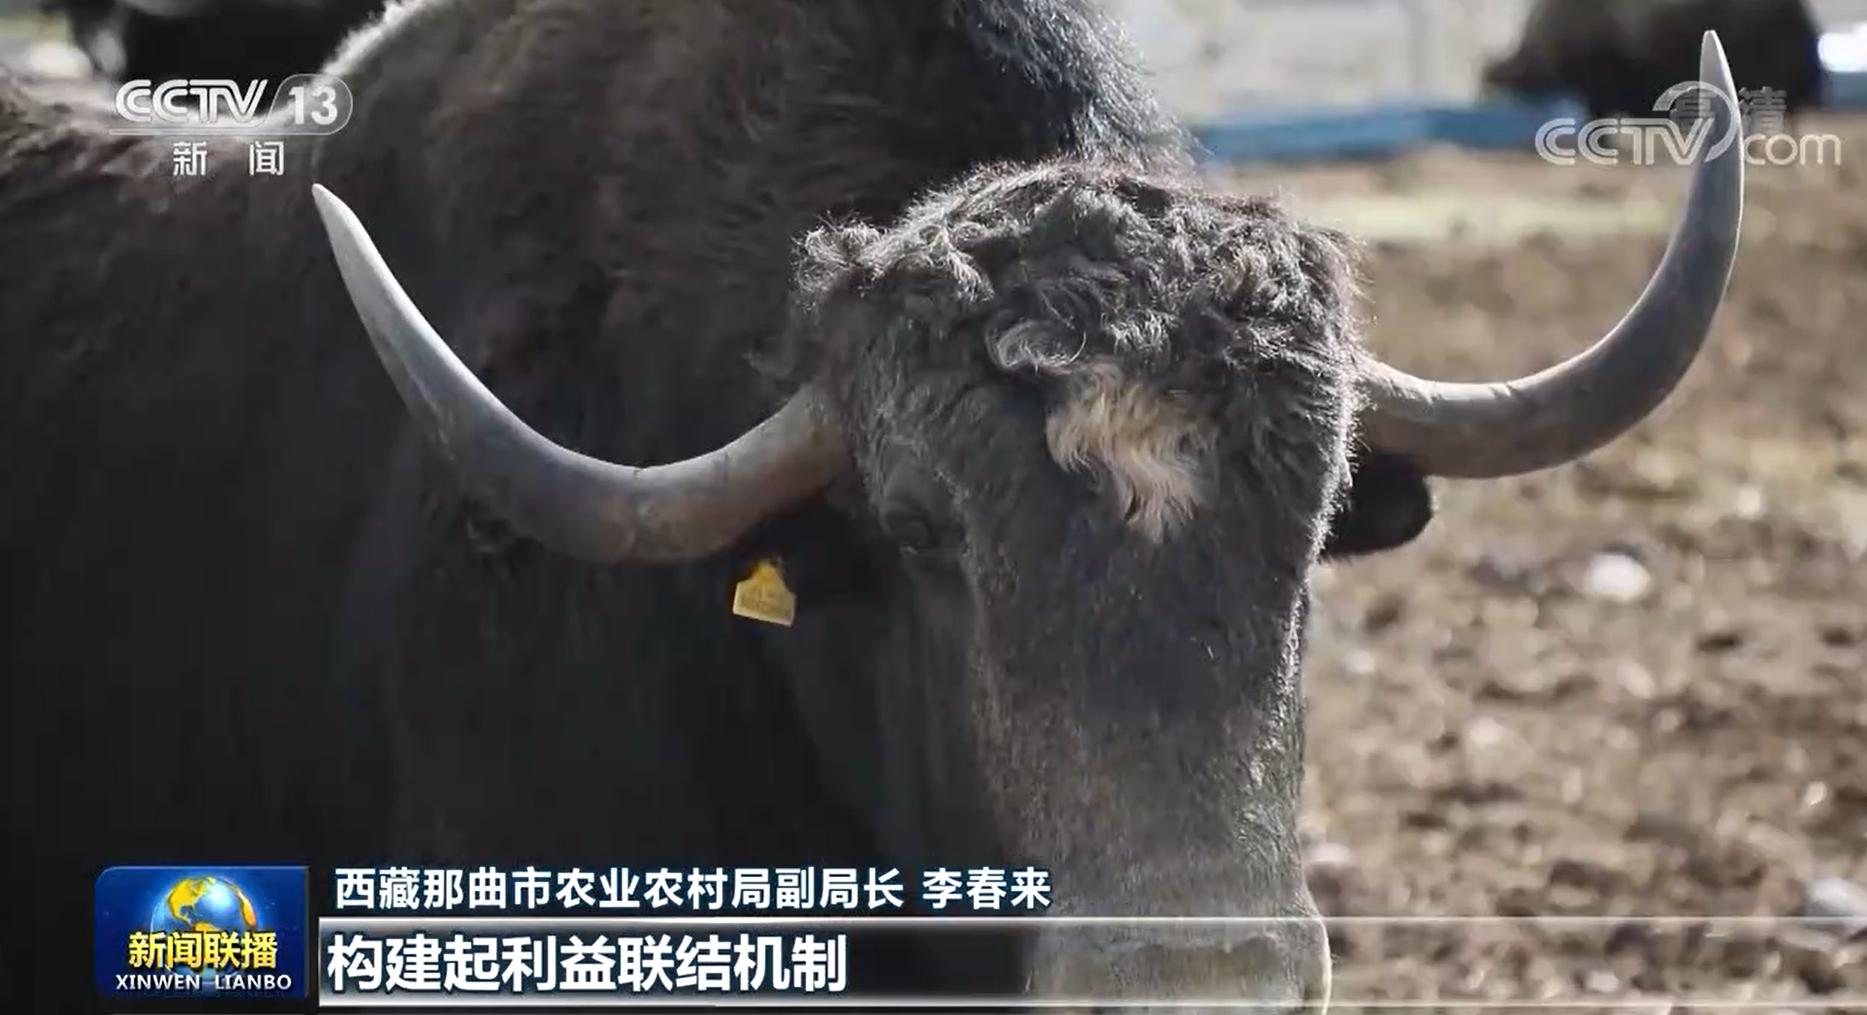 【奋斗百年路 启航新征程·今日中国】西藏:雪域高原的历史巨变